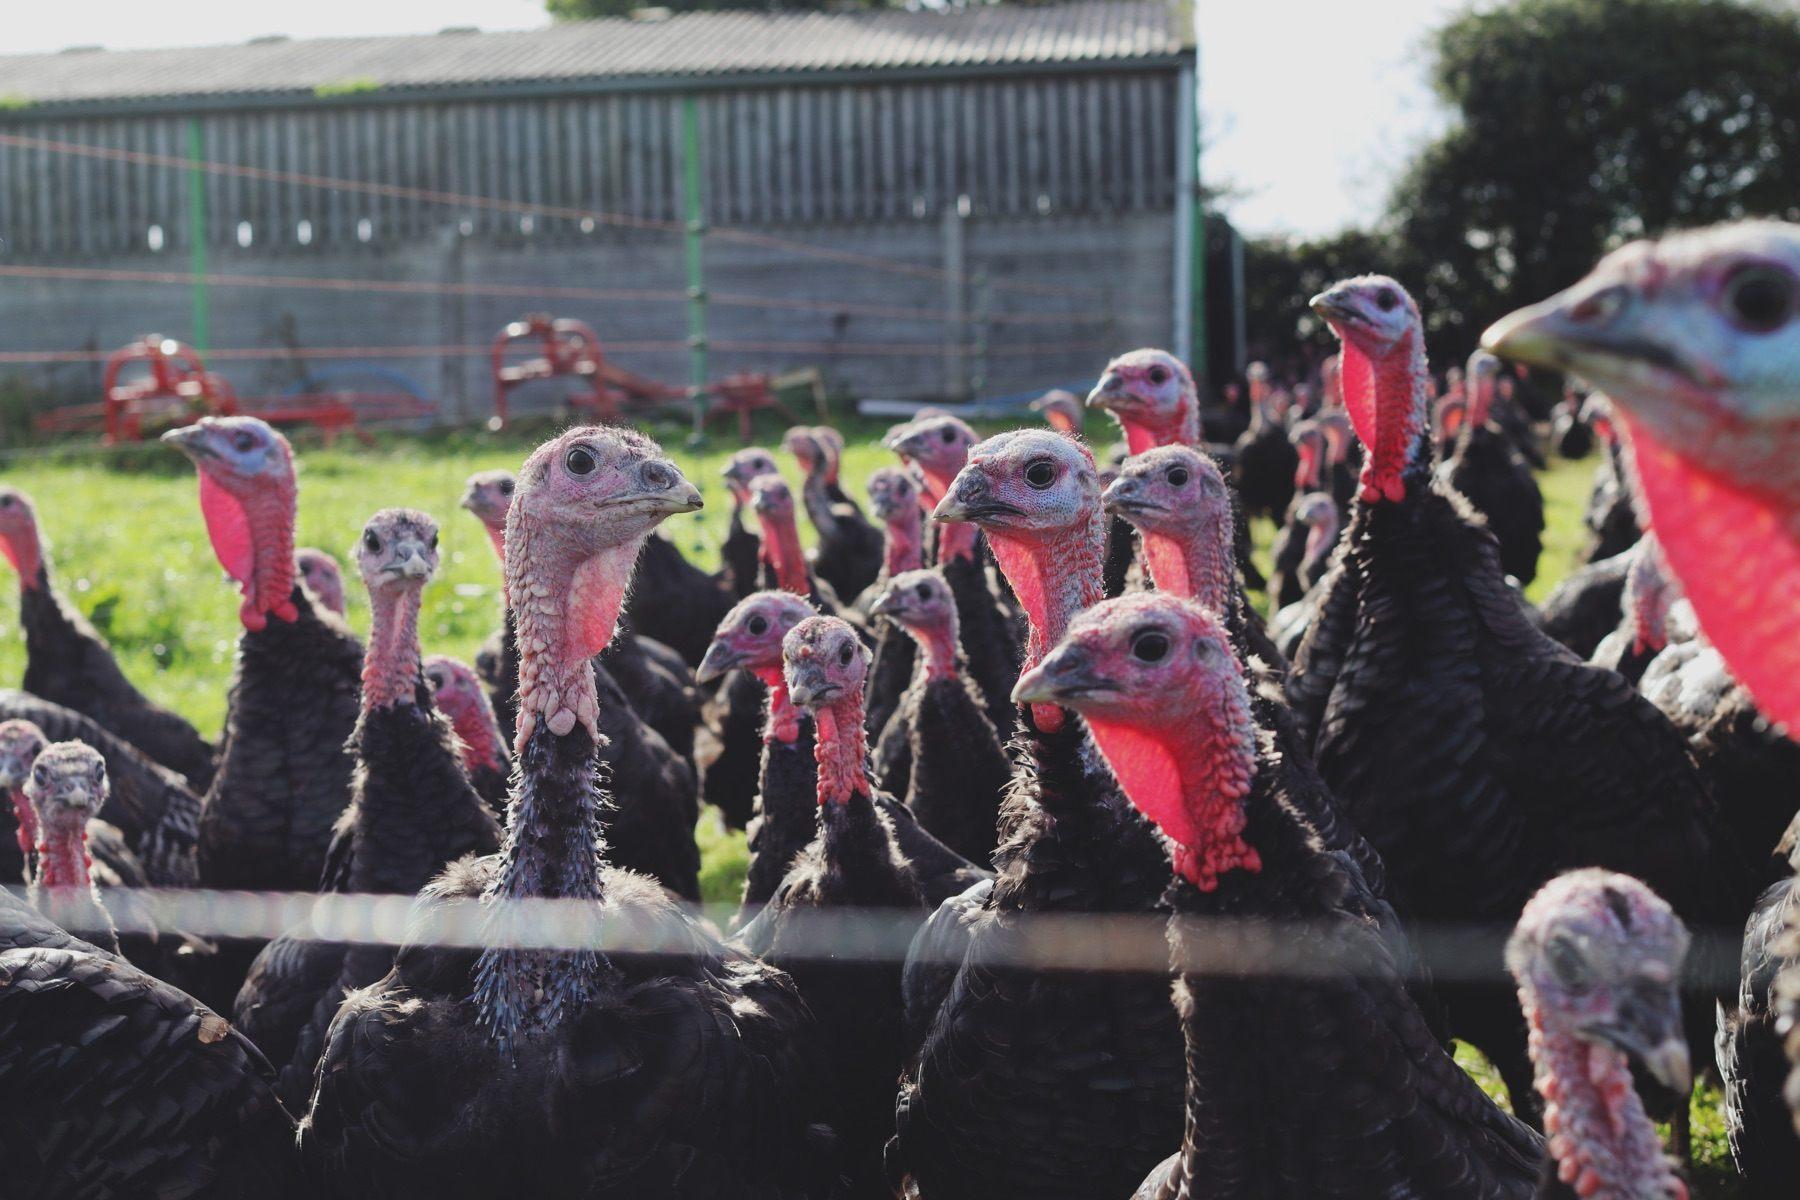 free range turkey hampshire